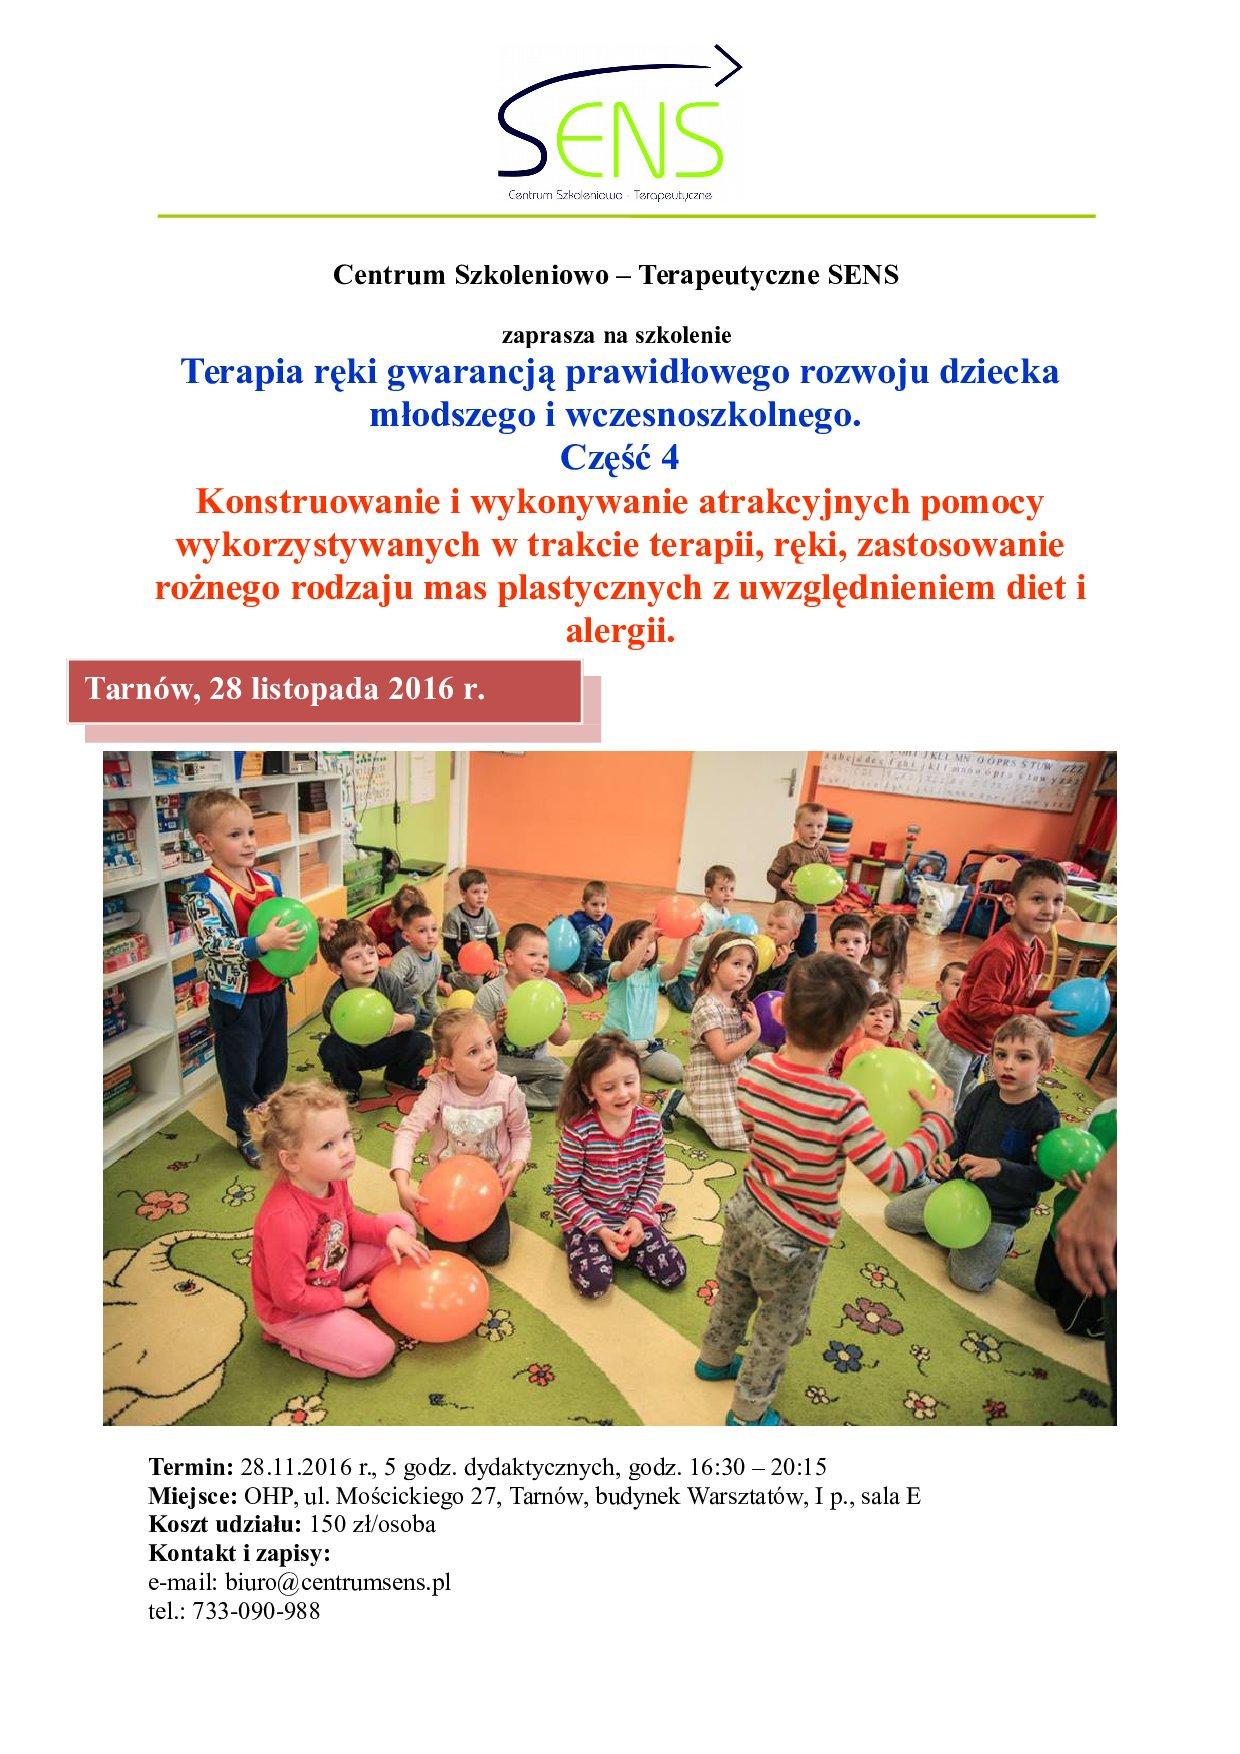 Tarnów. Terapia ręki cz. 4. 28.11.16 r.